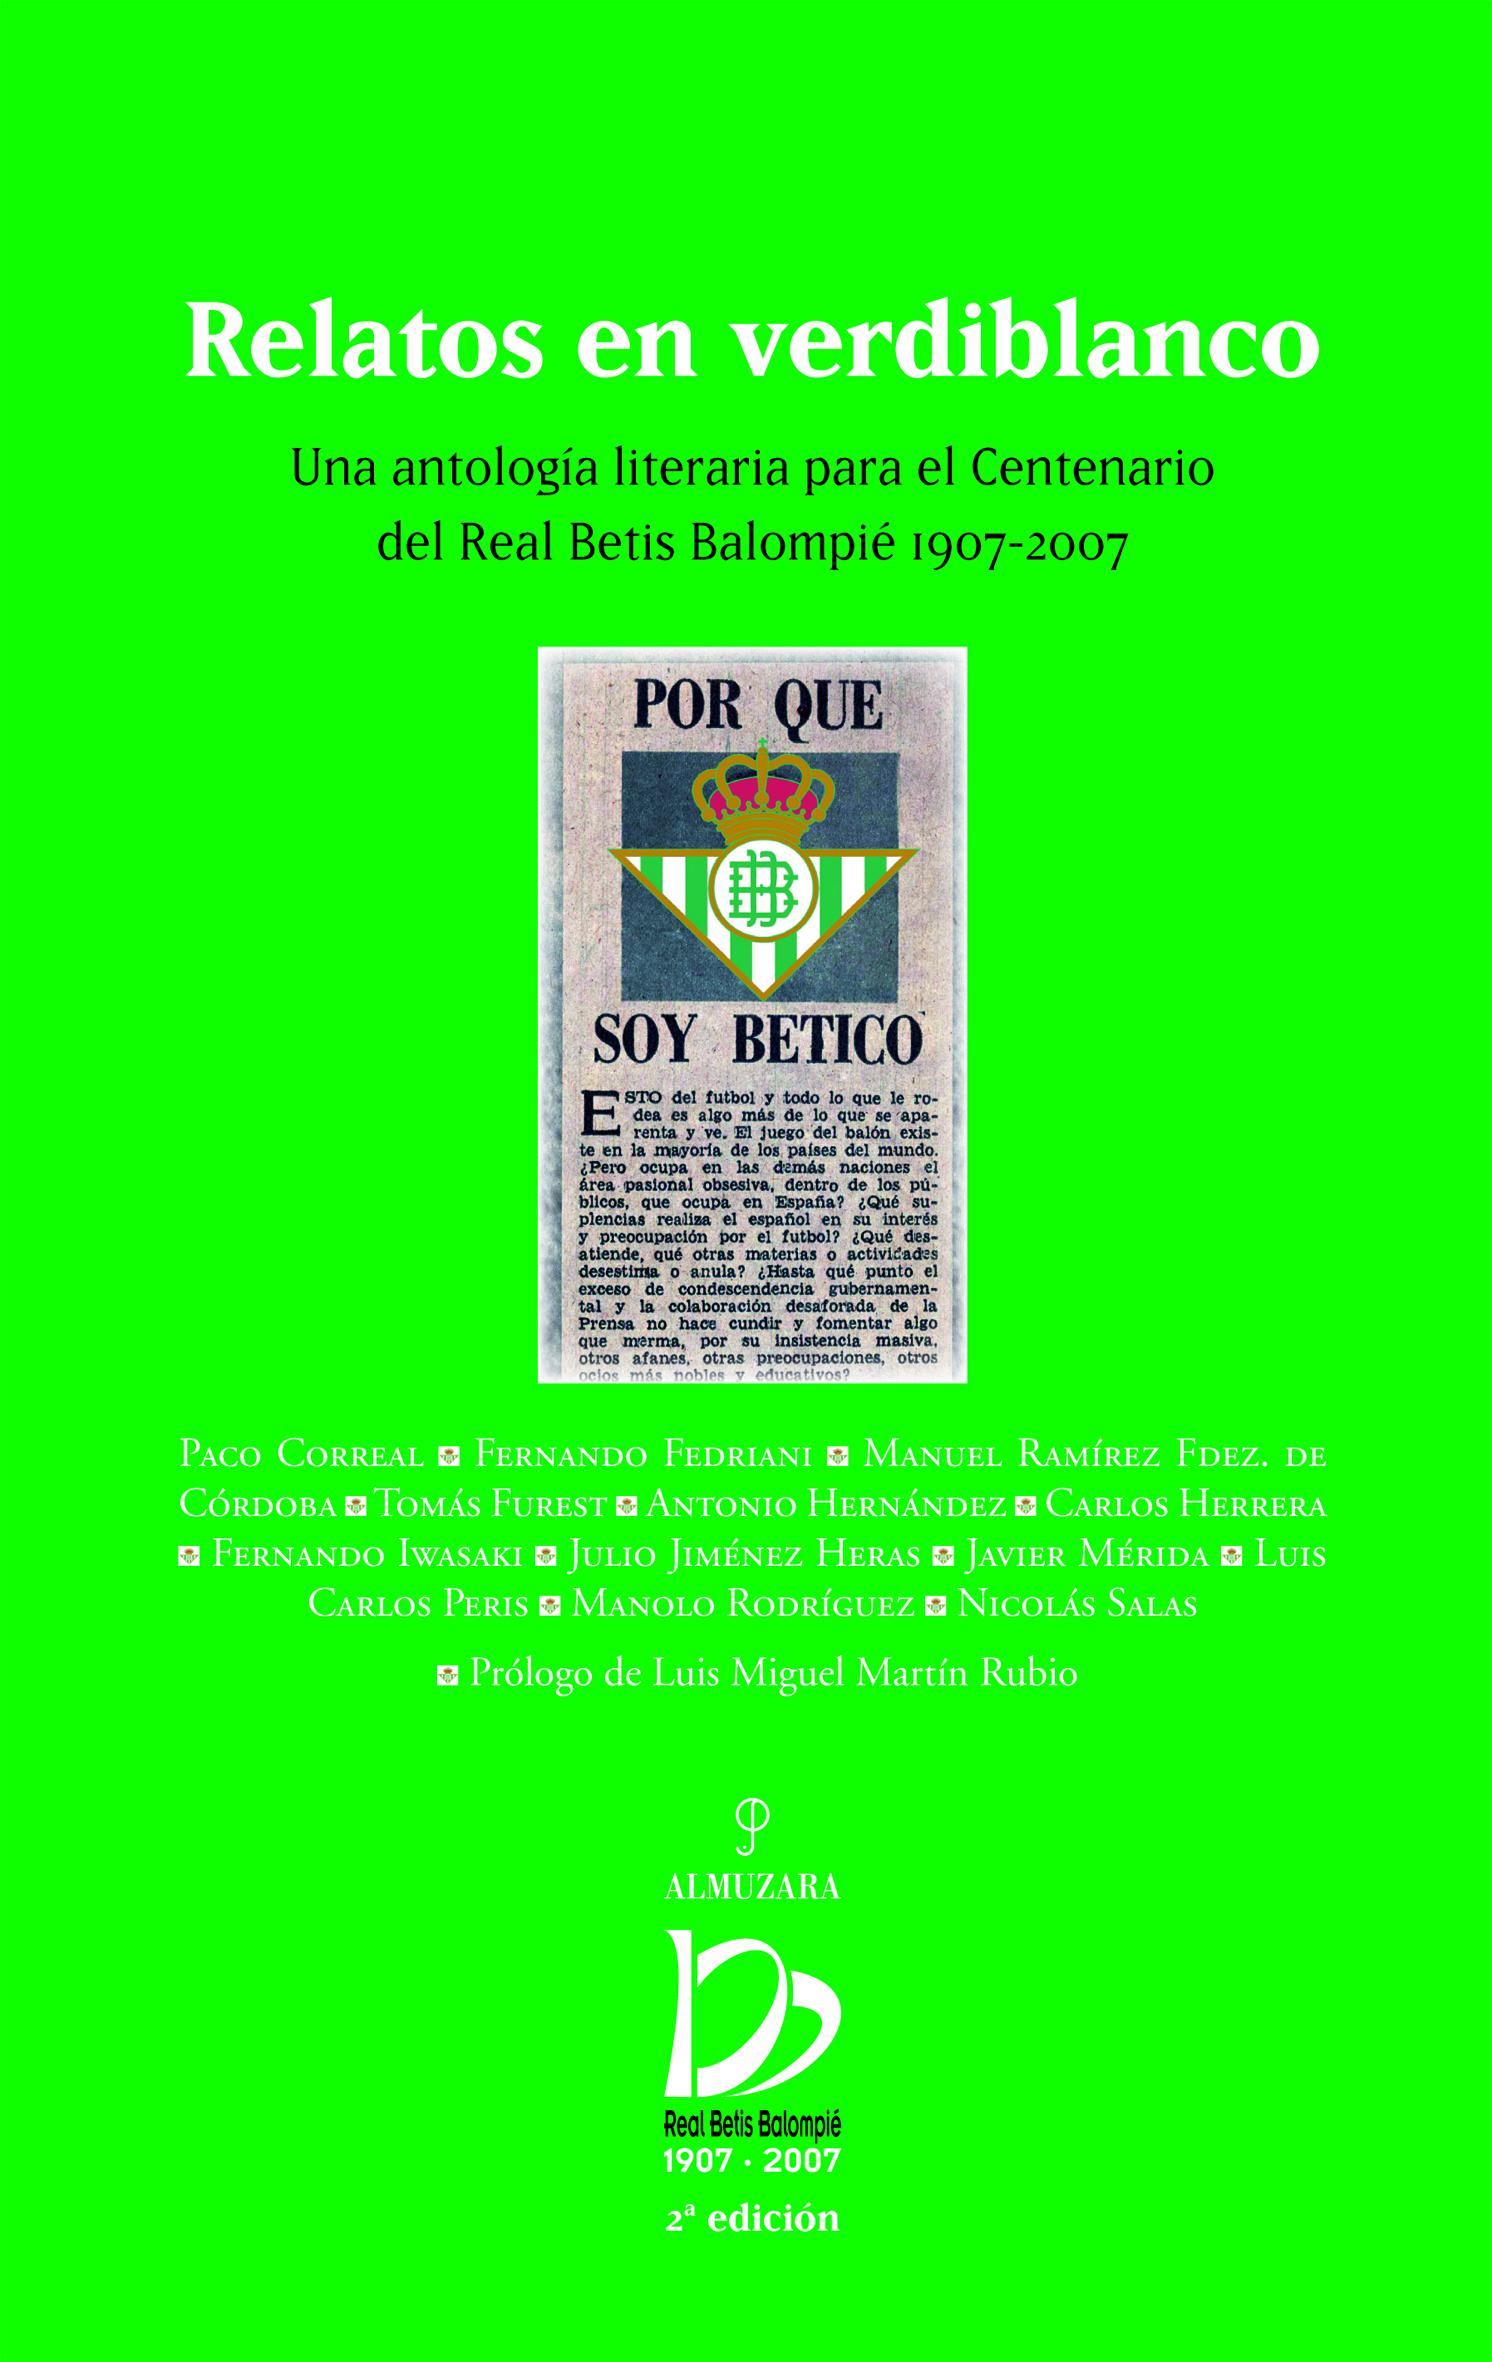 RELATOS EN VERDIBLANCO. UNA ANTOLOGÍA LITERARIA PARA EL CENTENARIO DEL